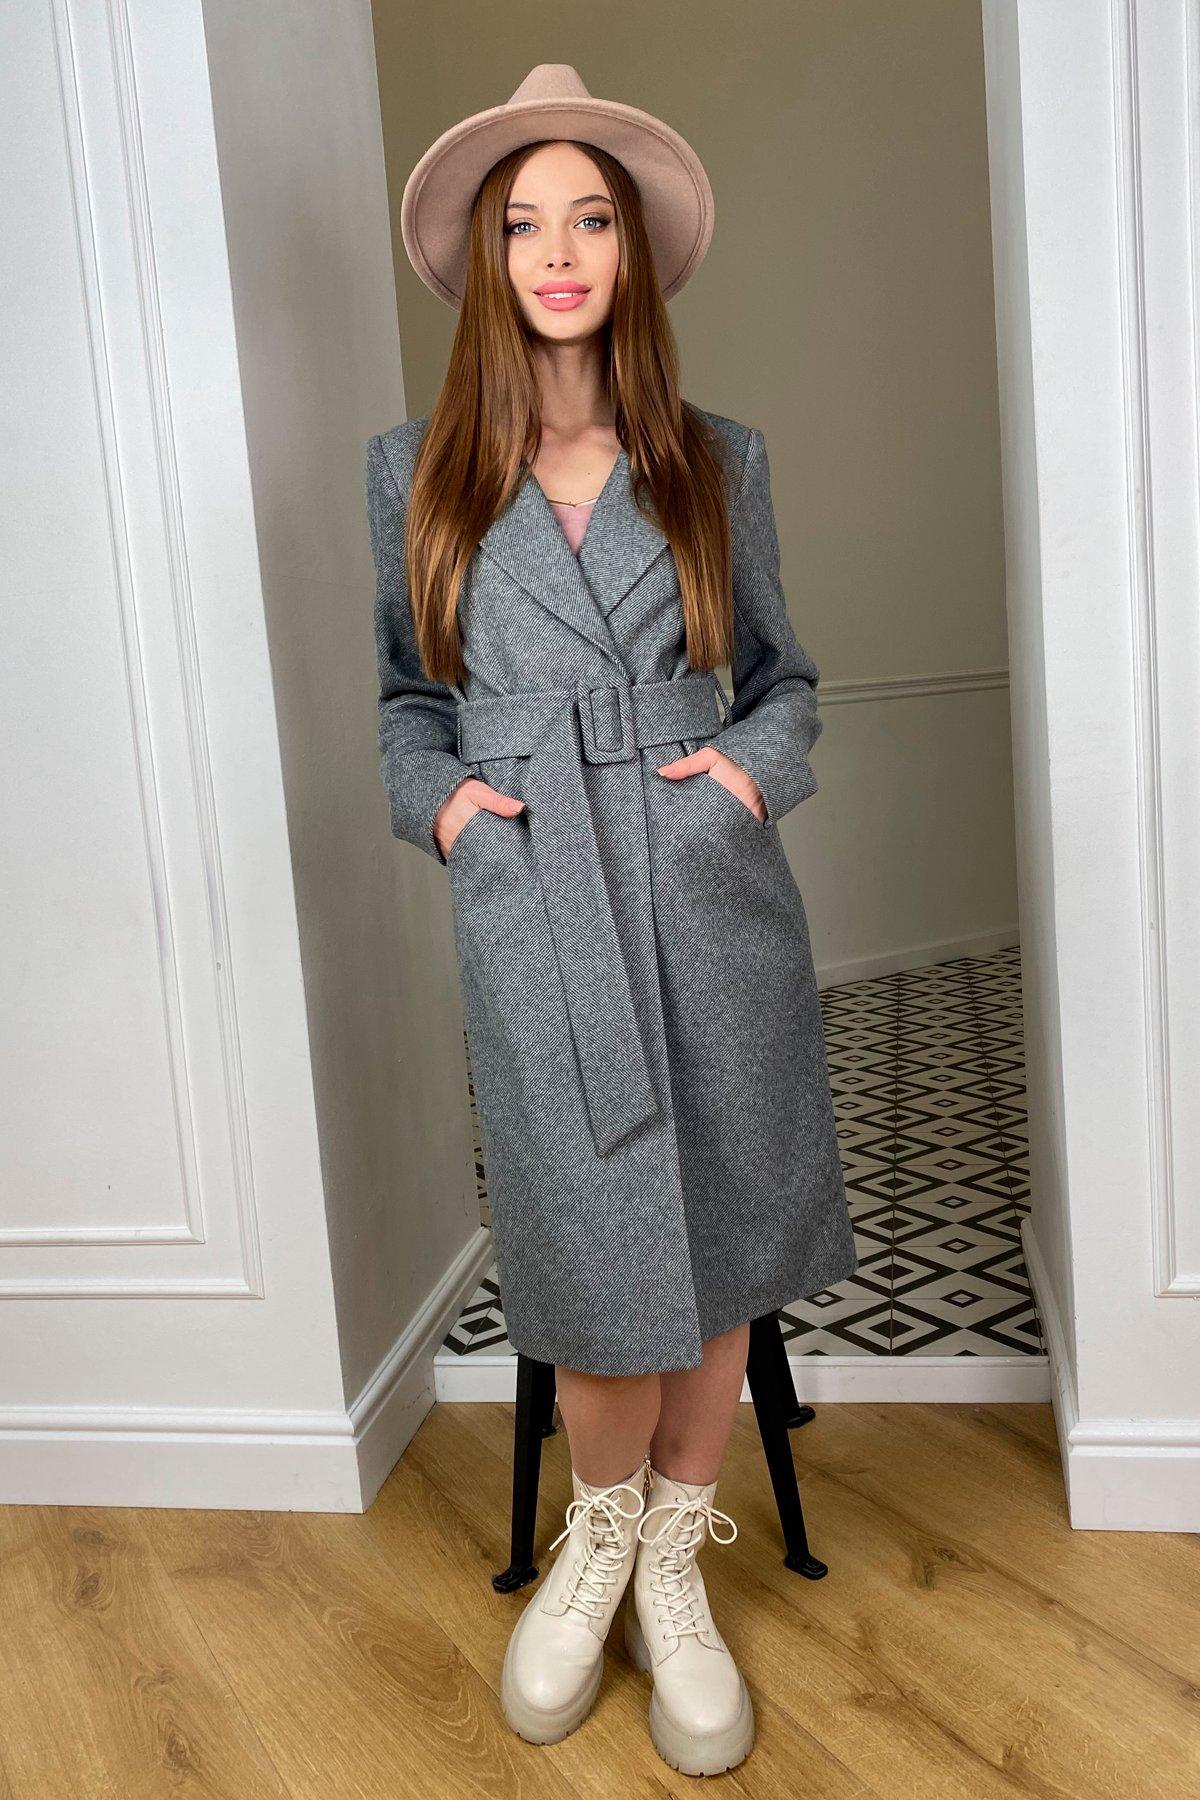 Кареро пальто с поясом из  пальтовой ткани  7961 АРТ. 44033 Цвет: Серый 1 - фото 2, интернет магазин tm-modus.ru